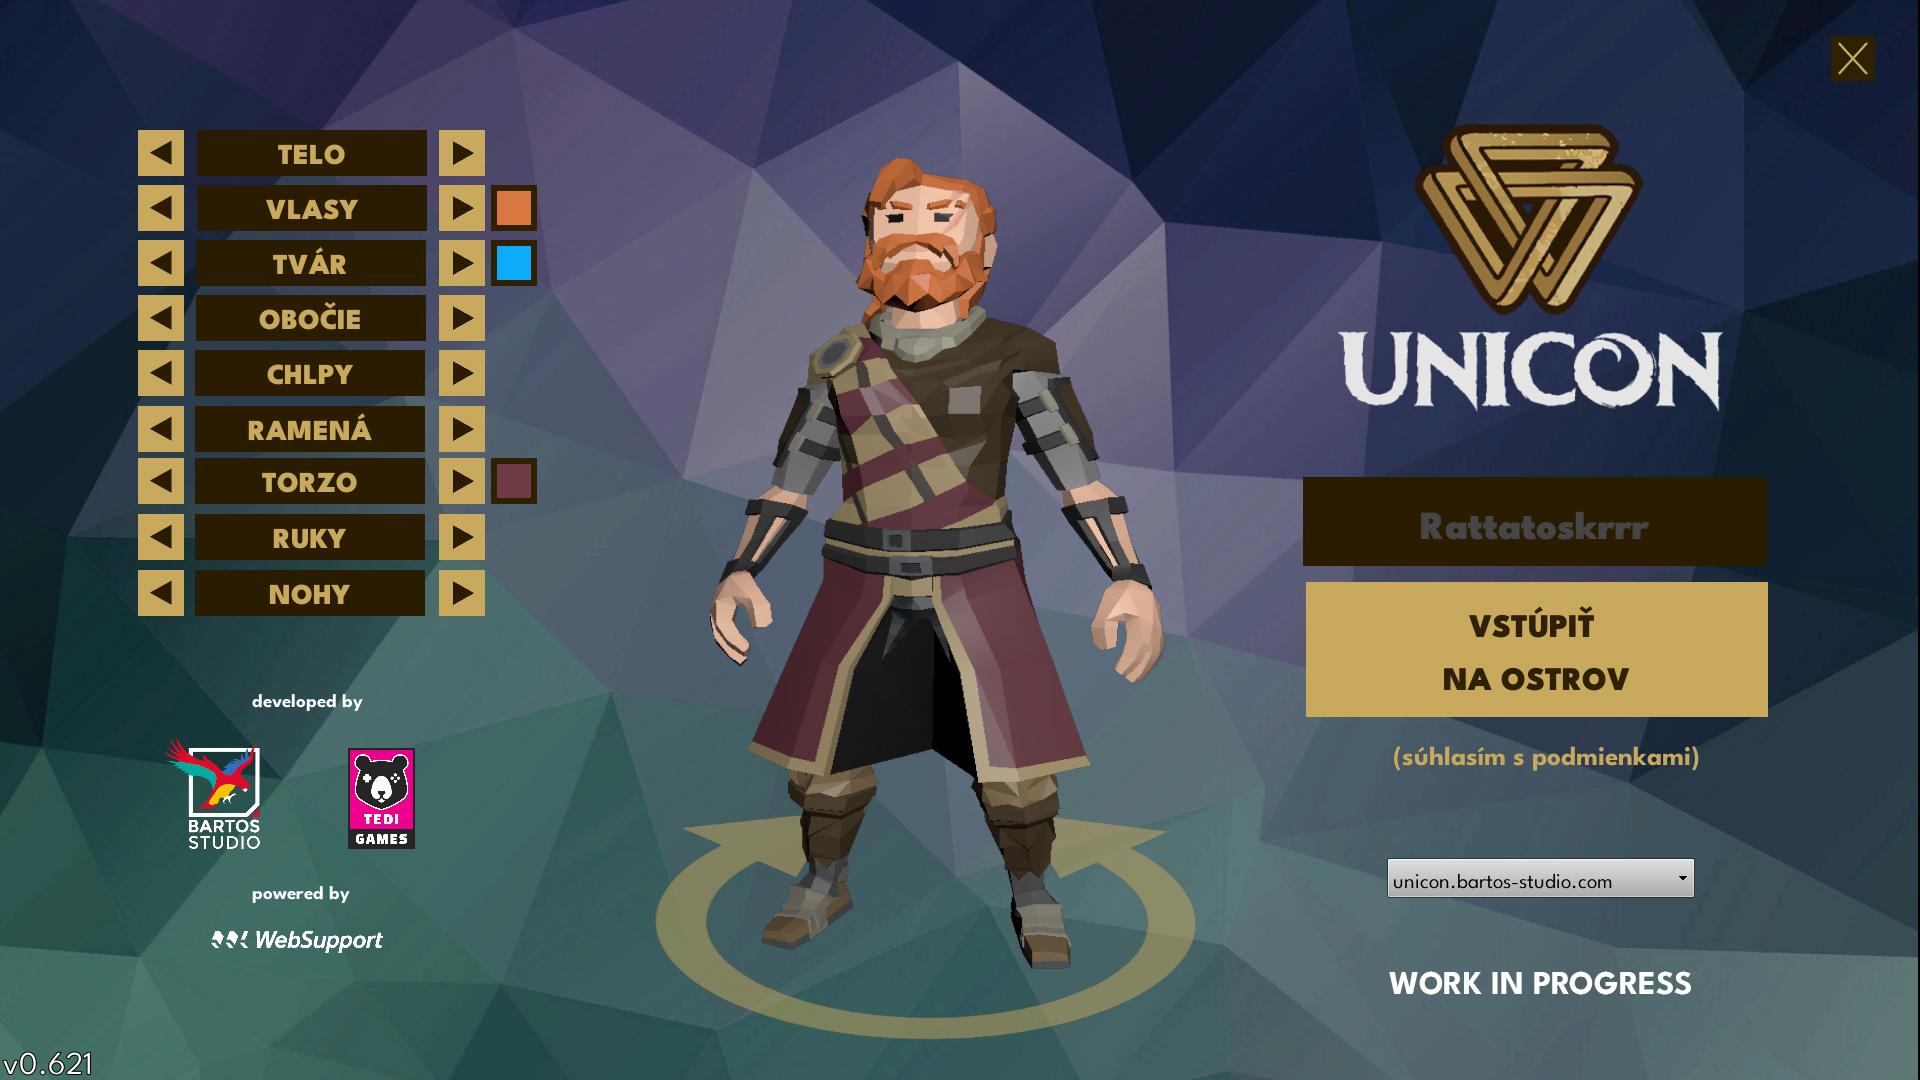 unicon online